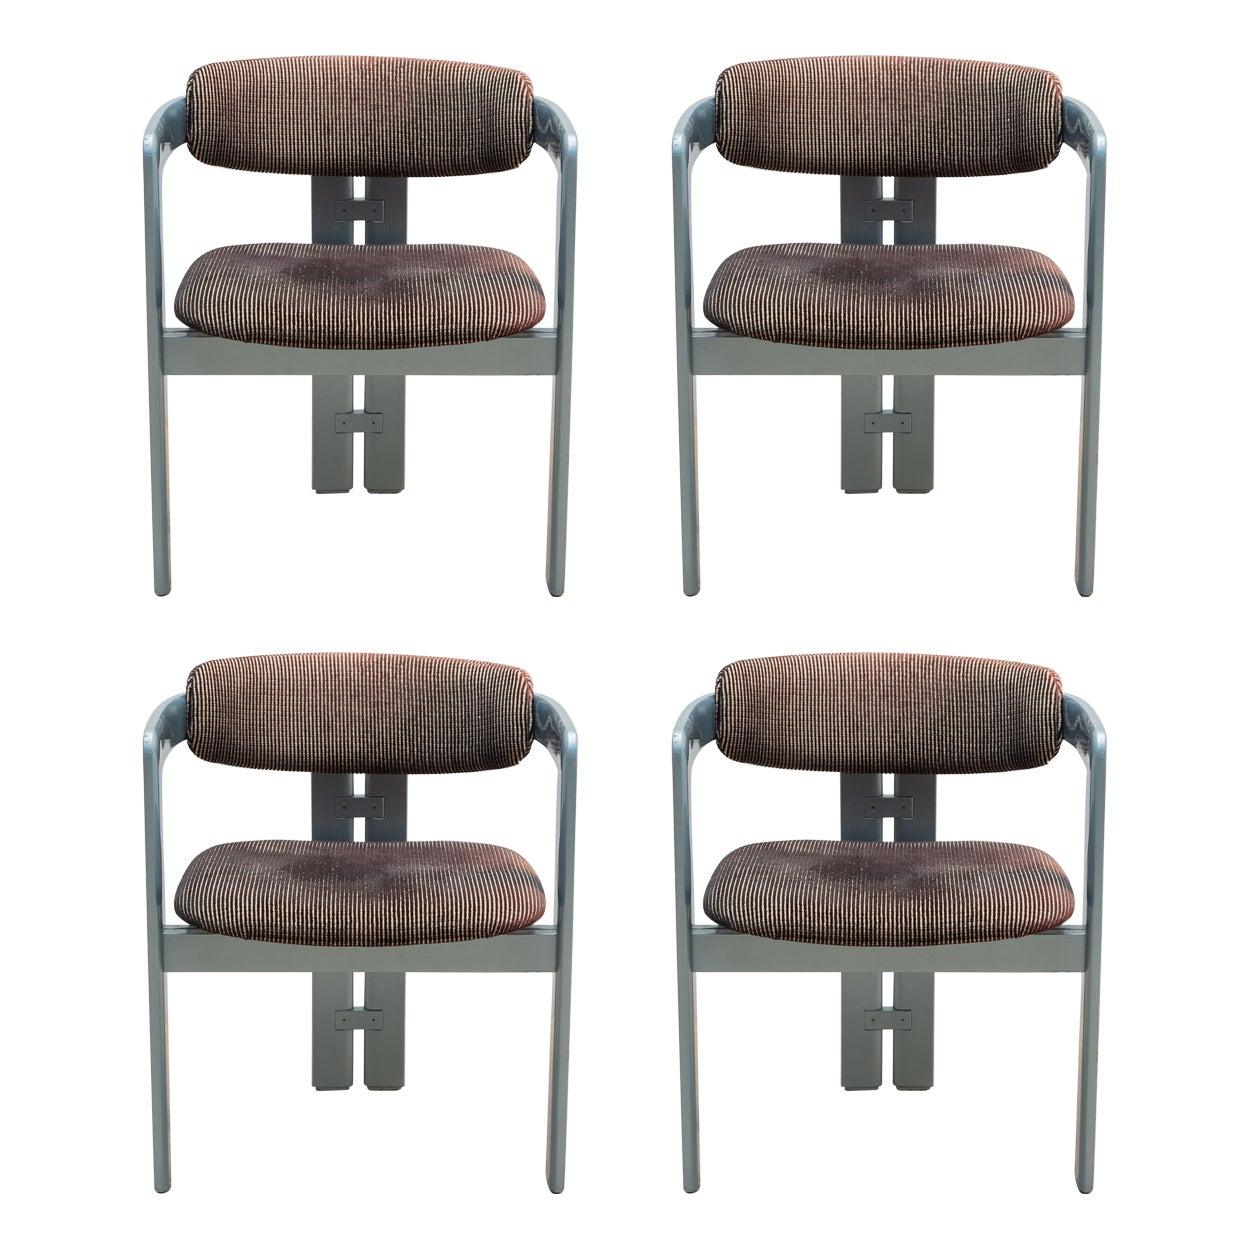 Augusto Savini 'Pamplona' Mid-Century Modern Set of 4 Armchairs 1970s for Pozzi